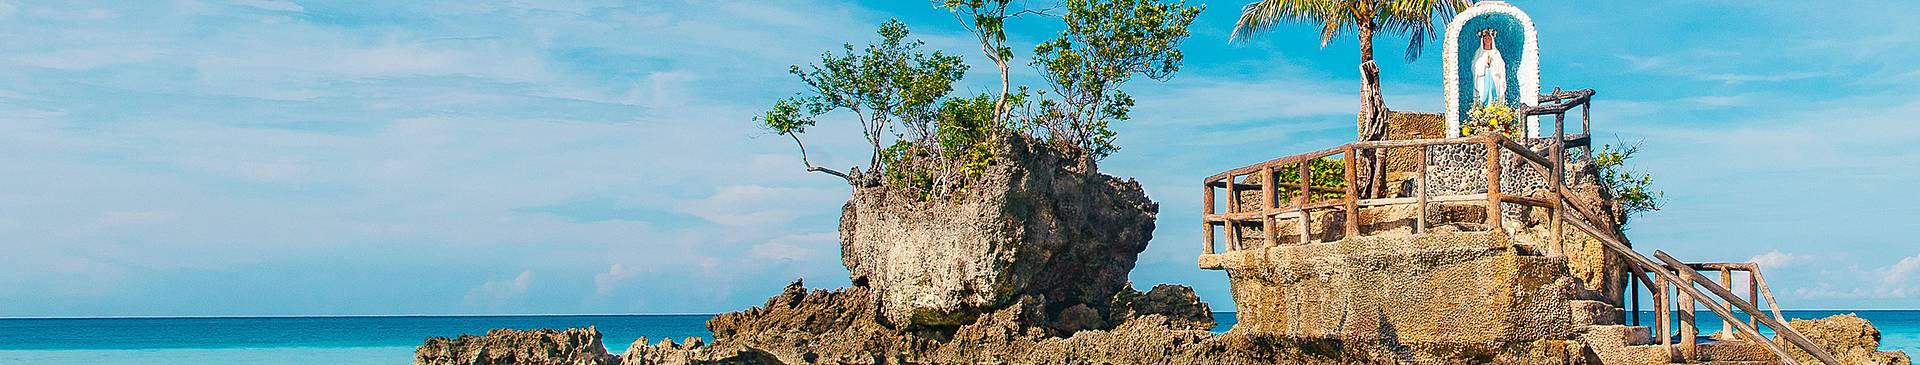 Découverte des îles des Philippines